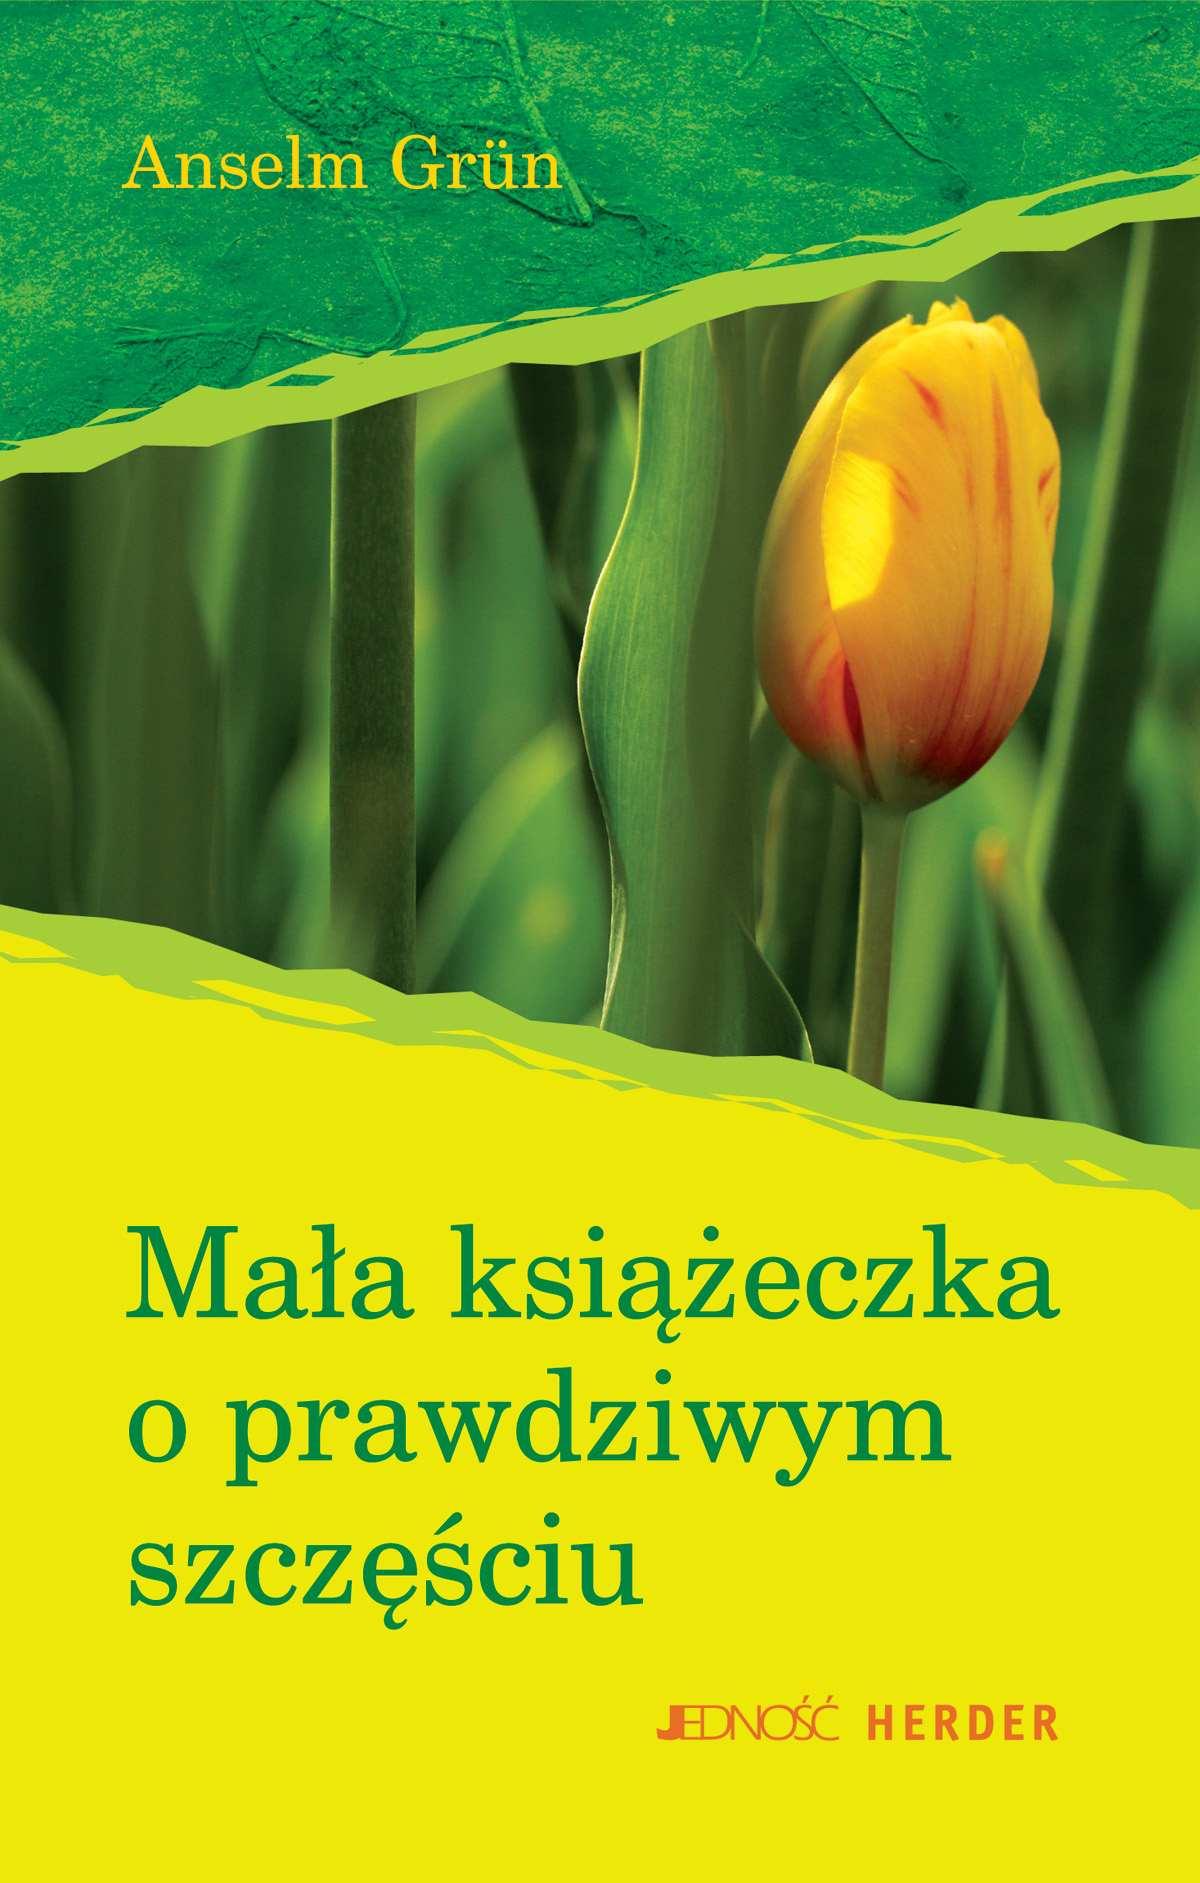 Mała książeczka o prawdziwym szczęściu - Ebook (Książka EPUB) do pobrania w formacie EPUB